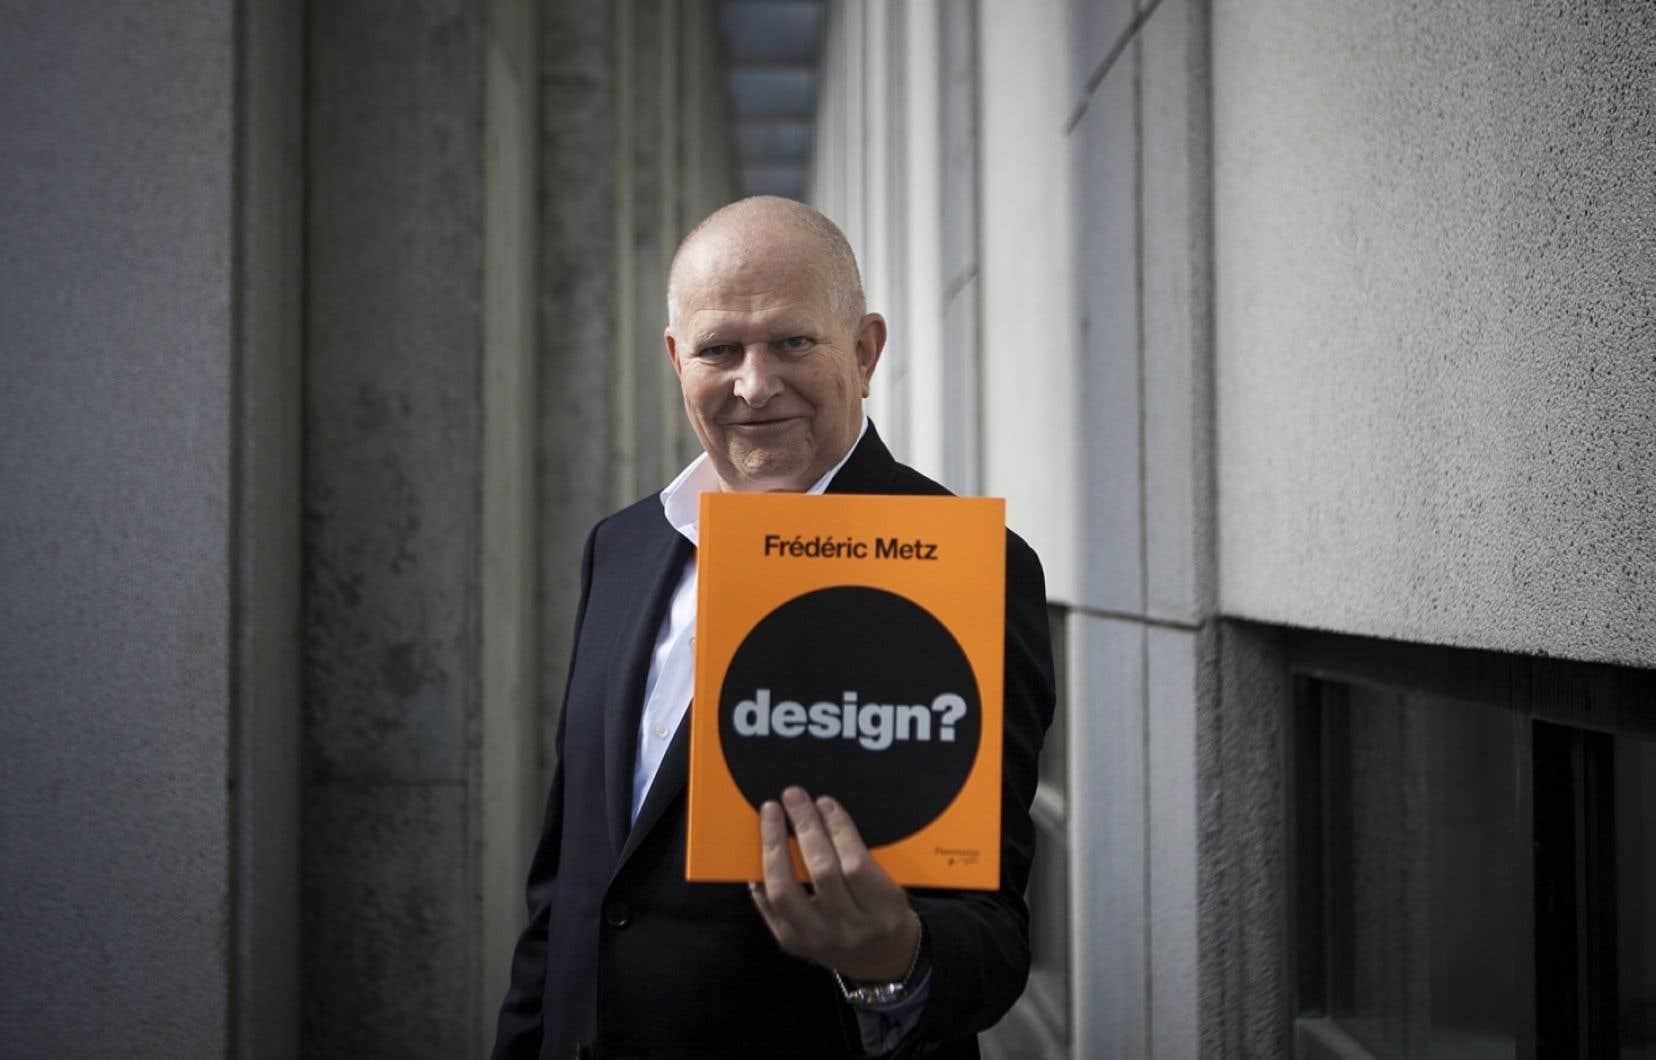 Frédéric Metz et son dernier livre, <em>Design?</em>, publié en 2012.